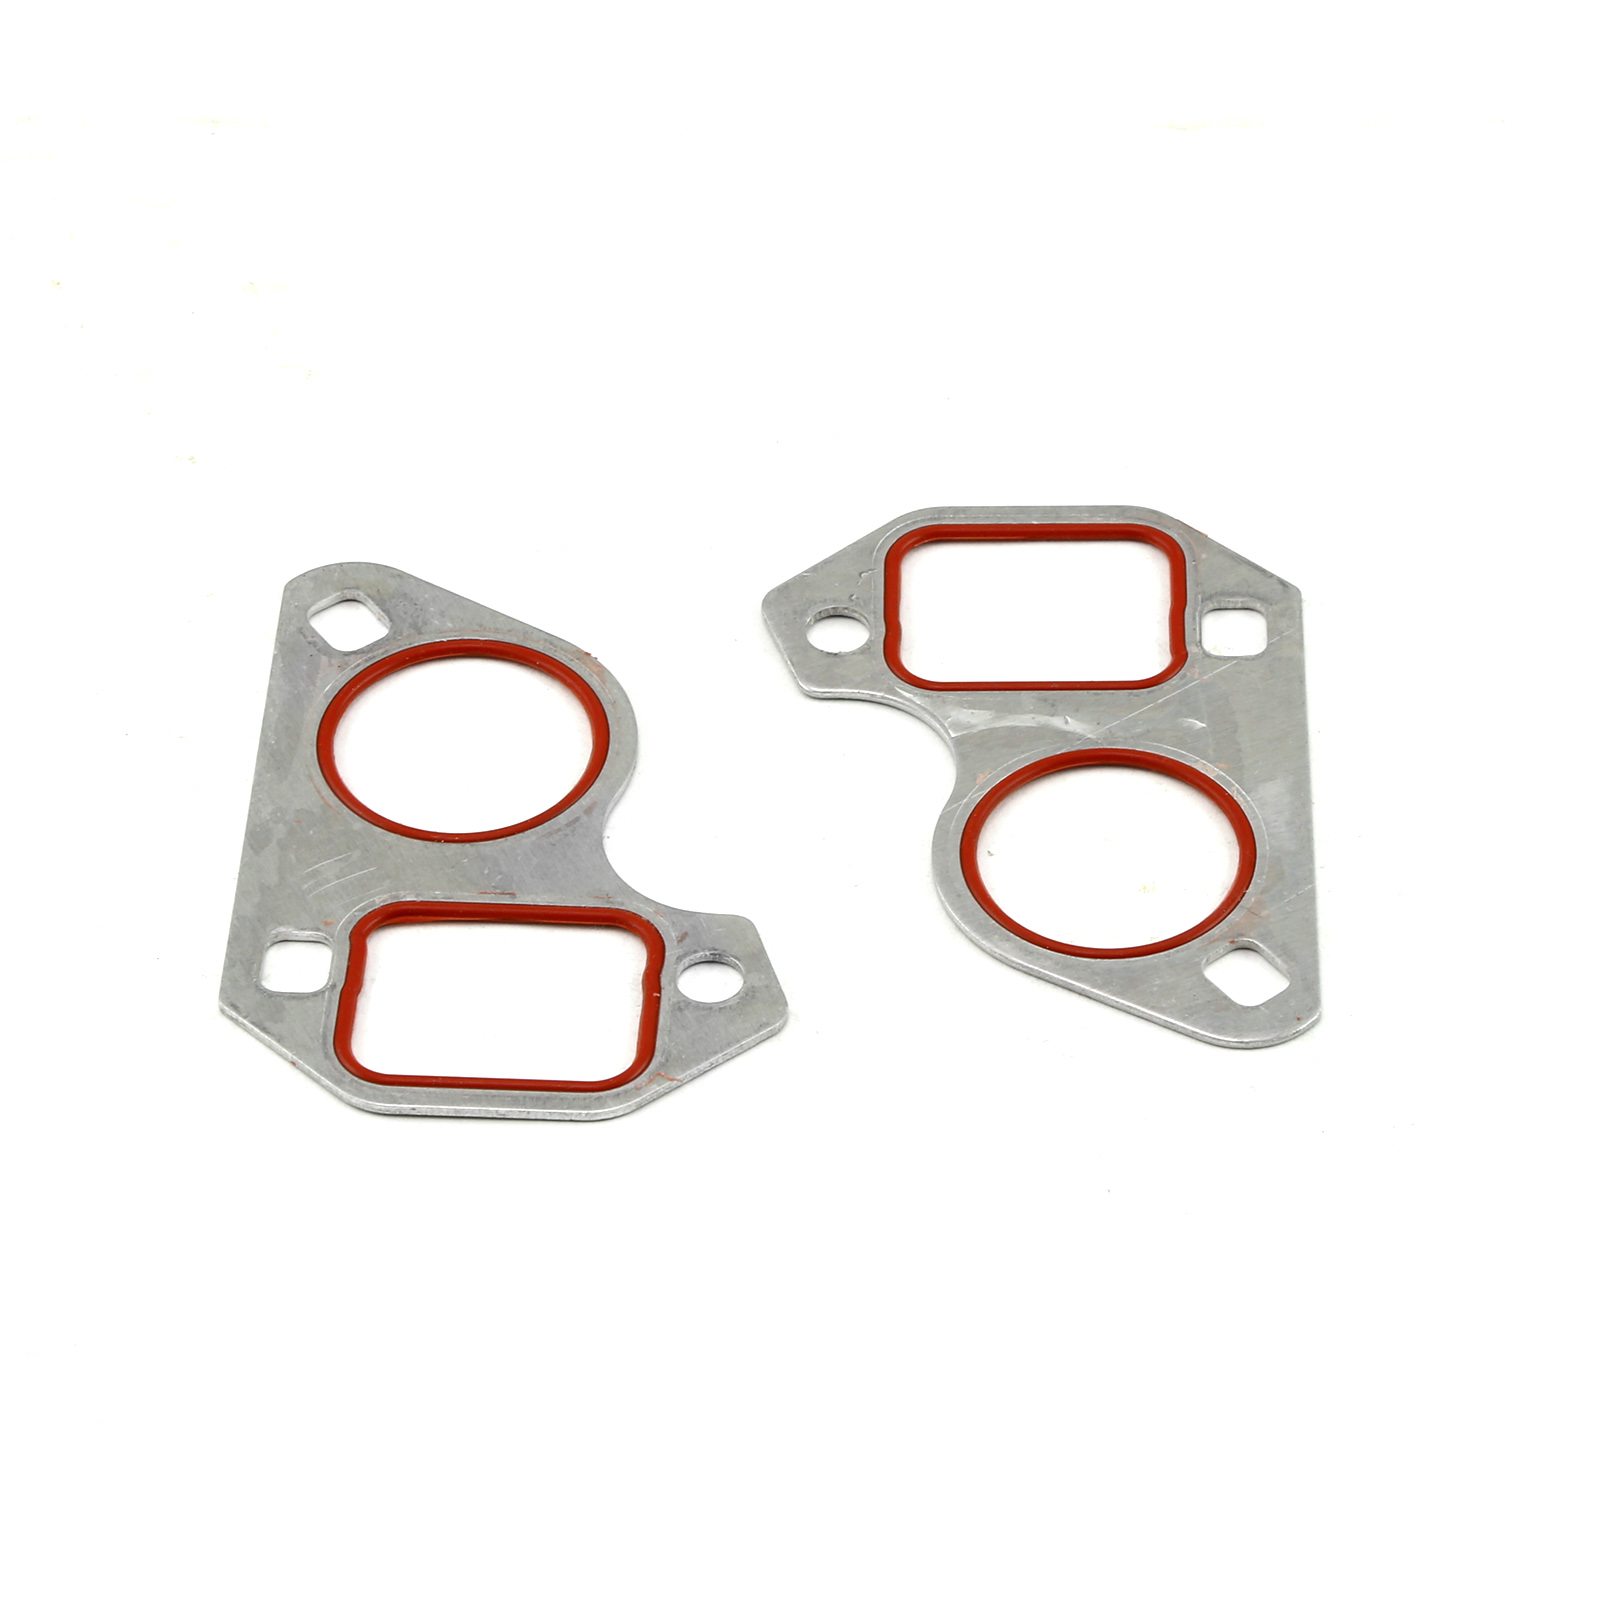 LS Aluminum Water Pump Gasket (QTY. 2) LS1 LS2 LS6 5.7 6.2 LQ9 LQ4 LM7